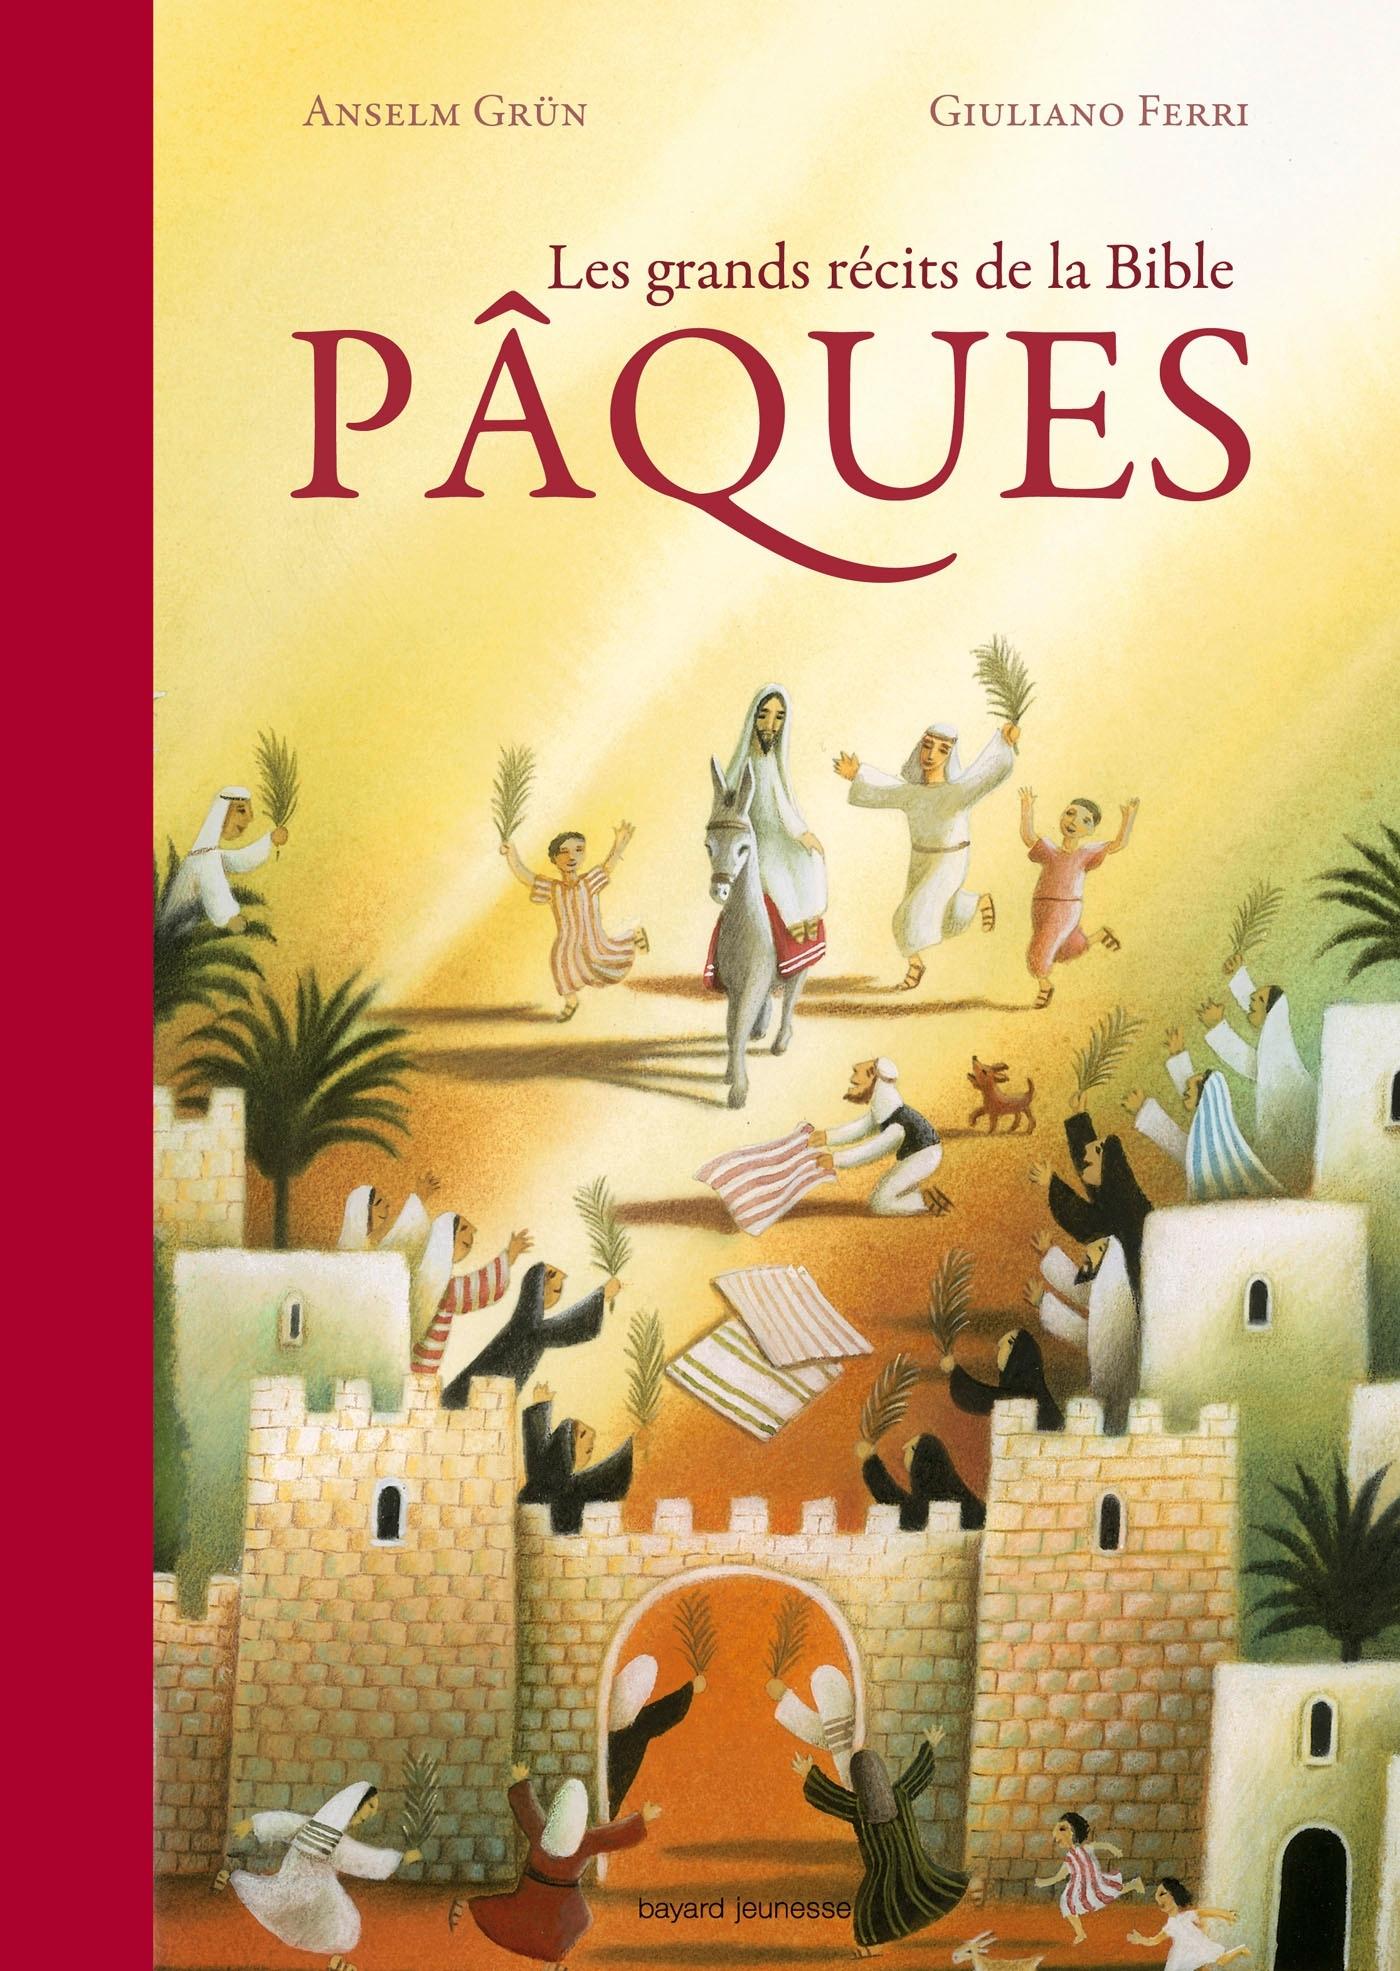 LES GRANDS RECITS DE LA BIBLE - PAQUES